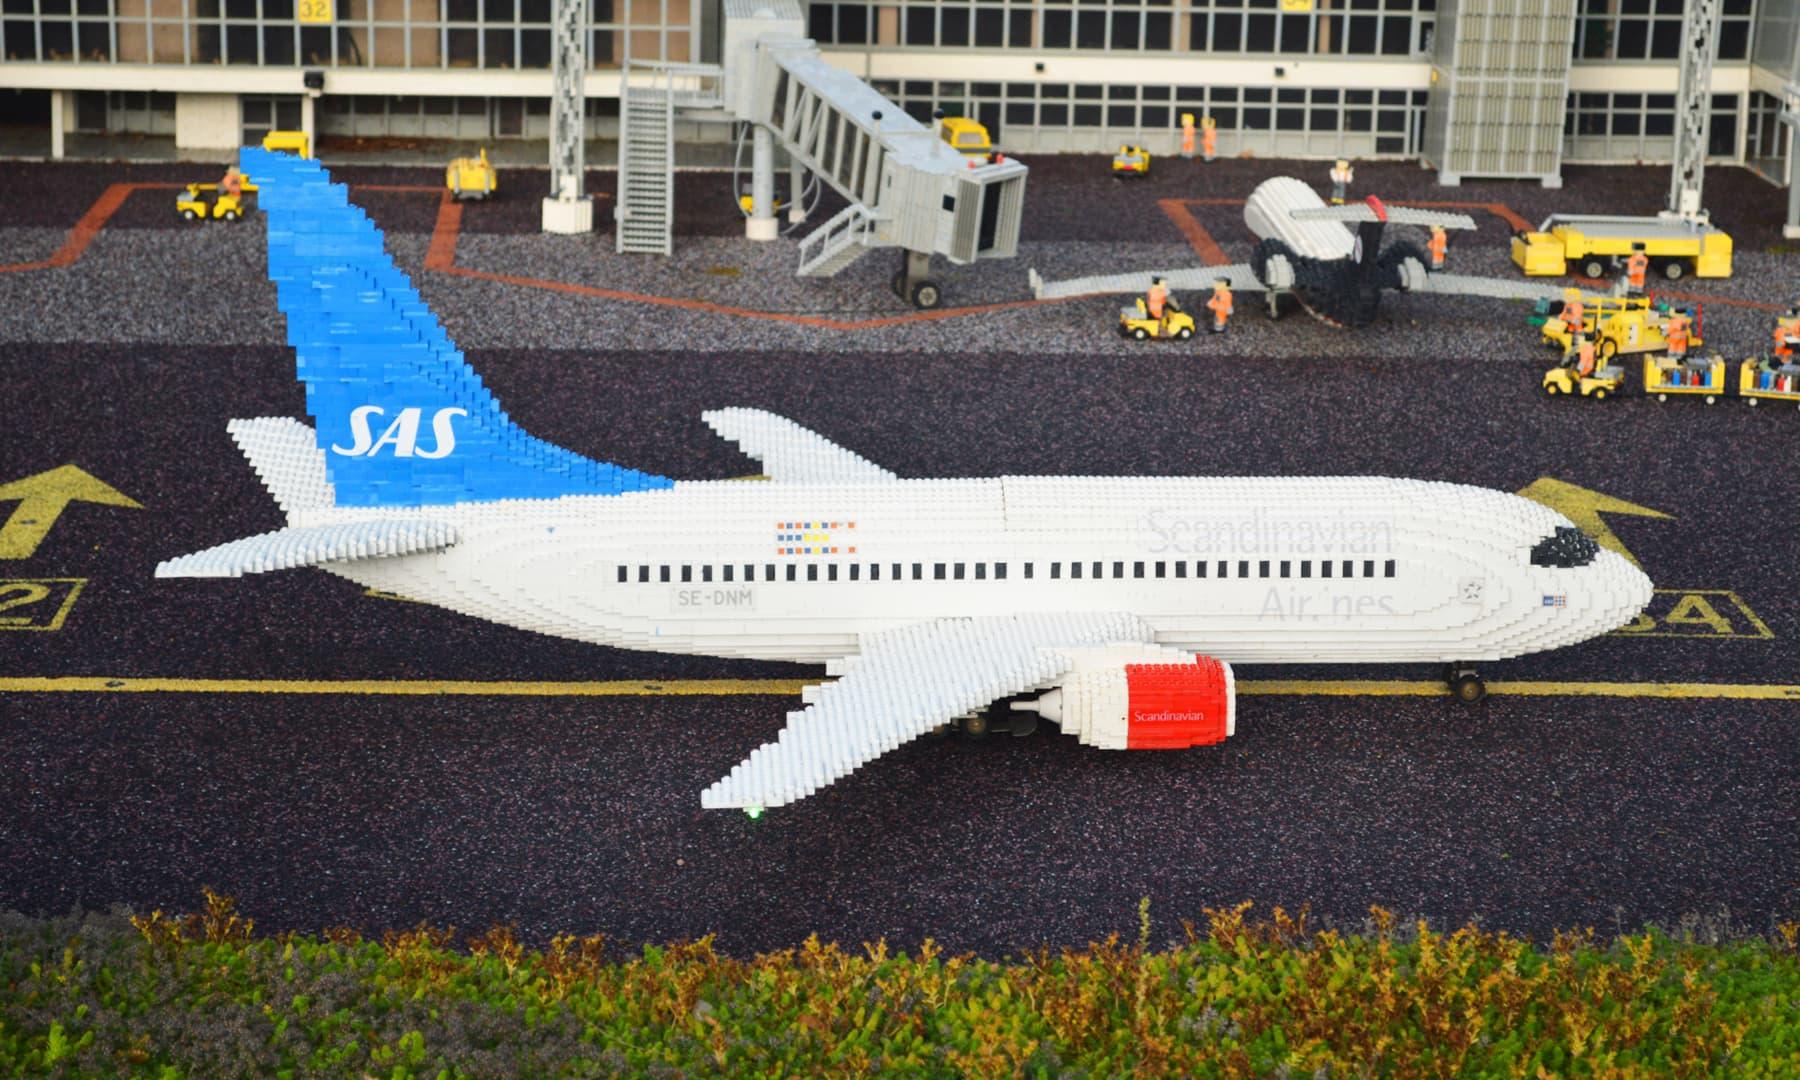 لیگو سے بنا ہوائی اڈہ — تصویر رمضان رفیق